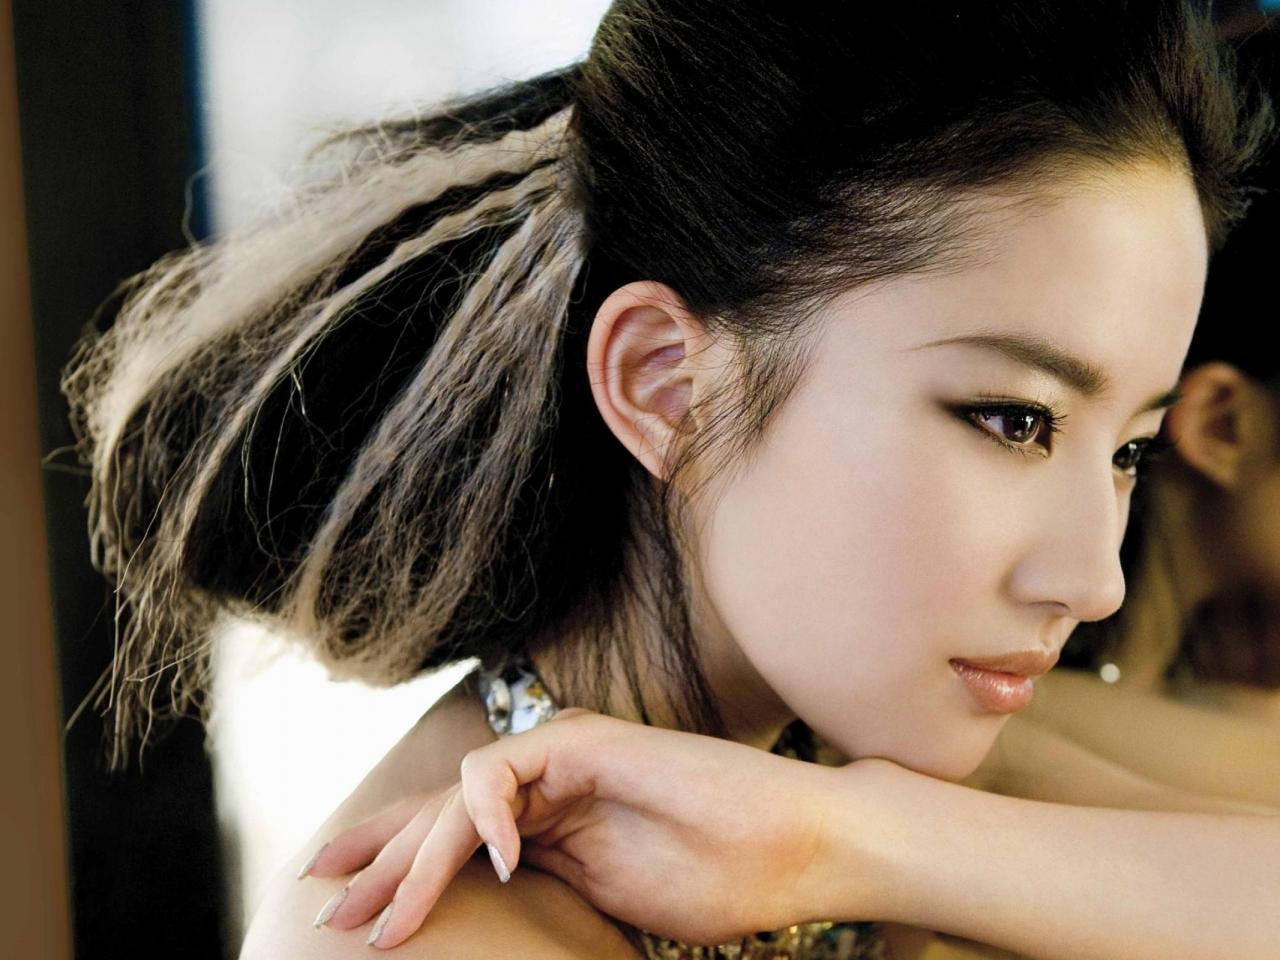 Liu Yifei - 1280x960